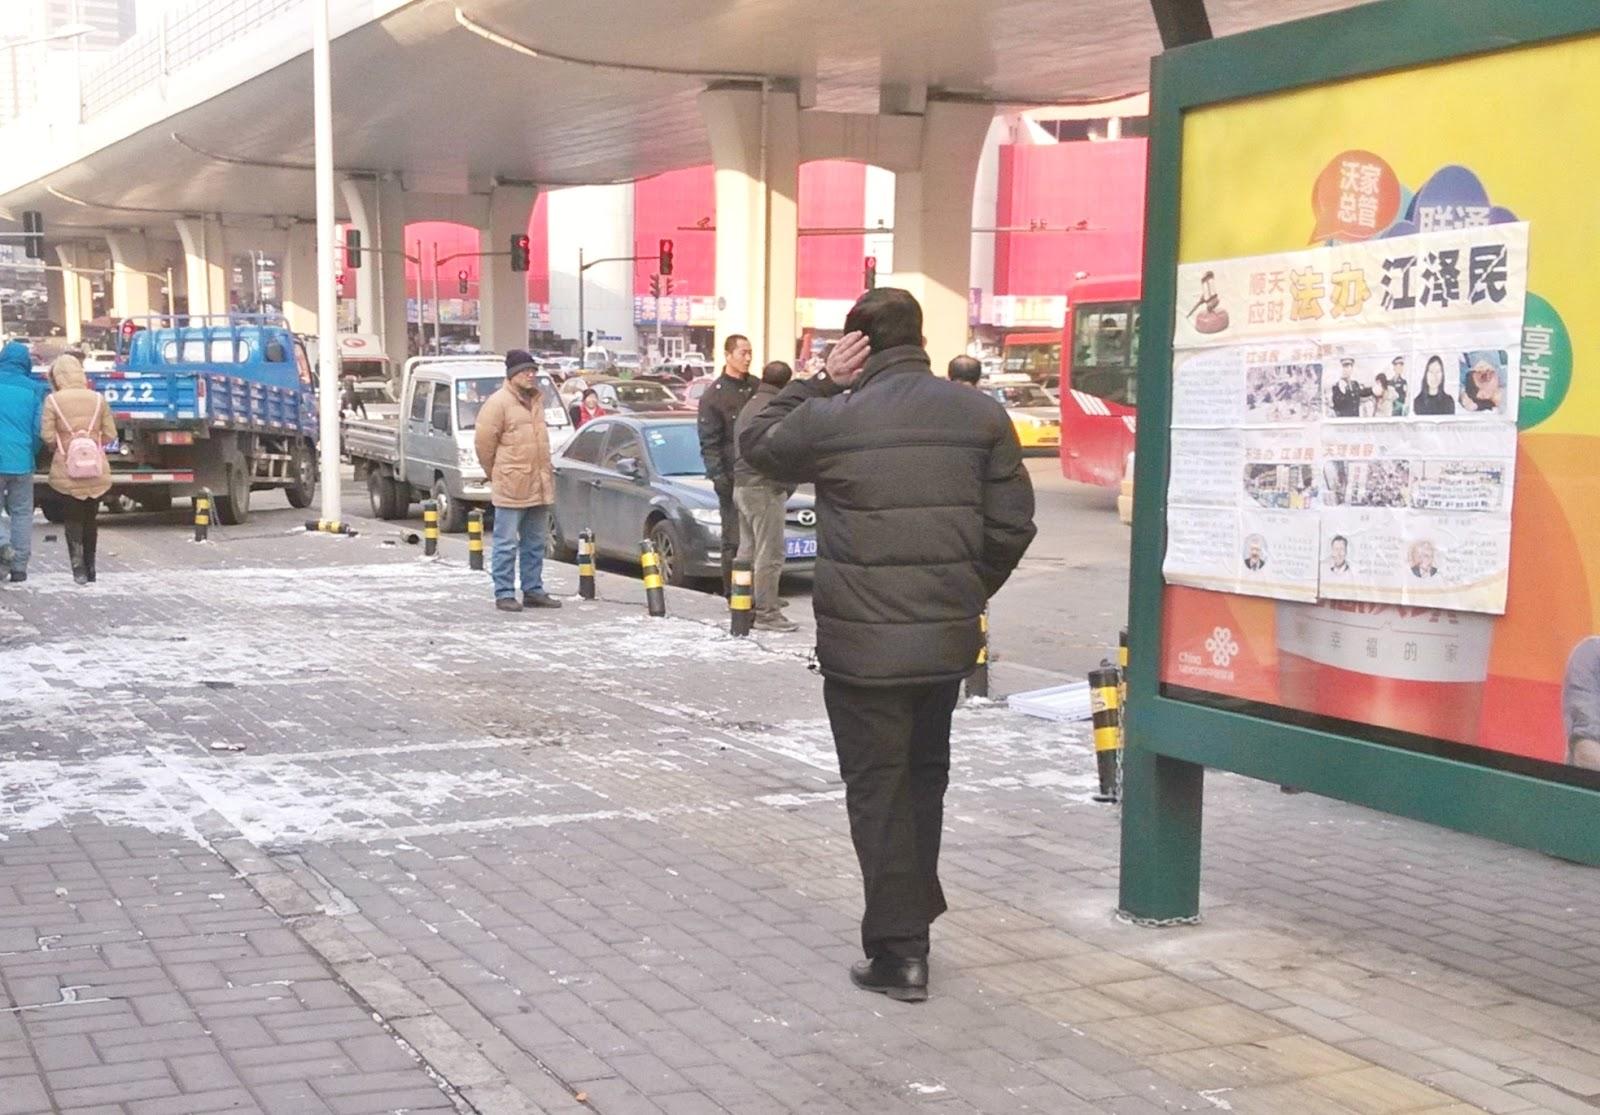 2015-11-28-minghui-changchun-sujiang-posters-07.jpg